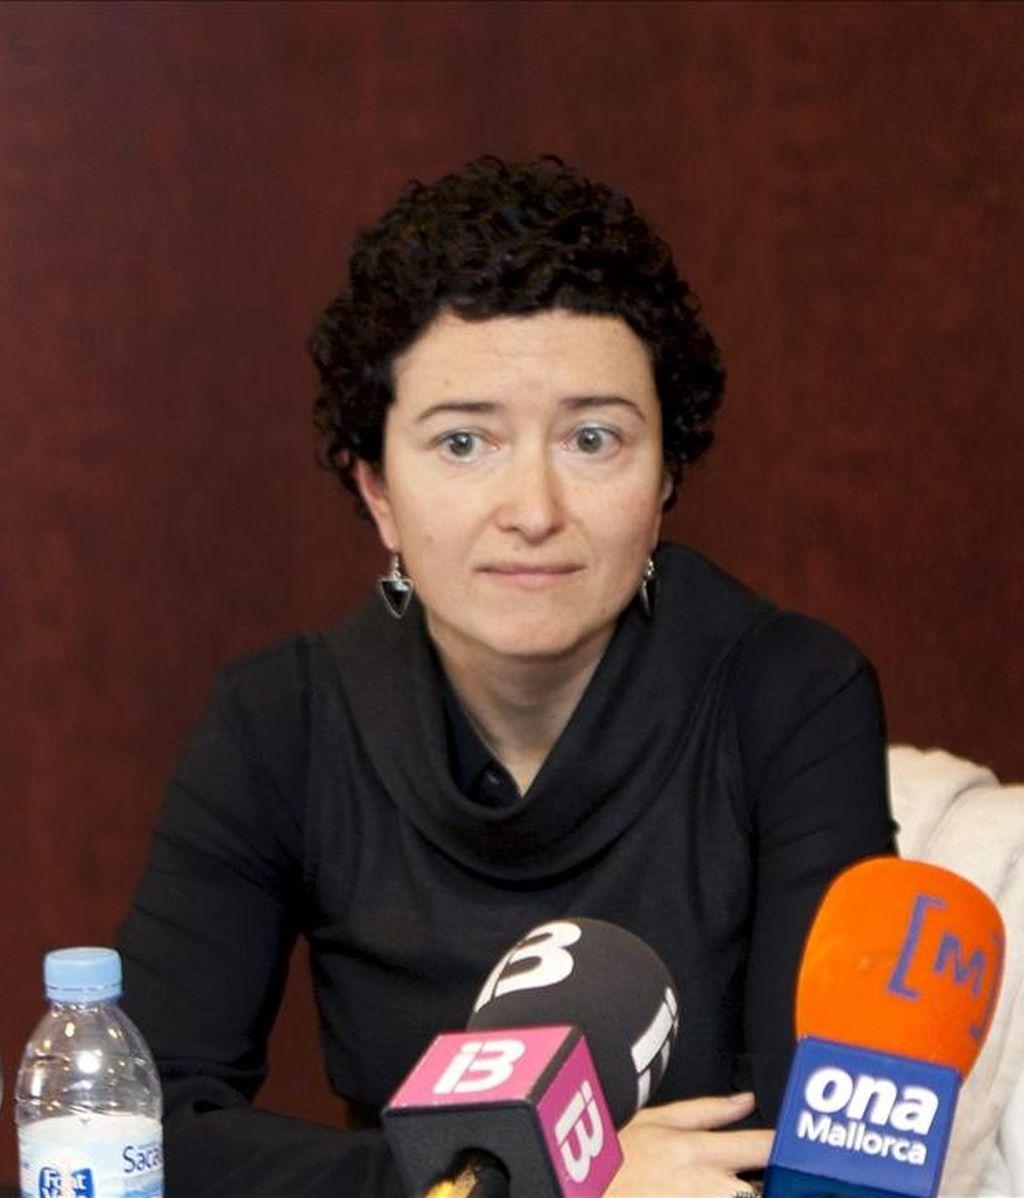 La portavoz de Jueces para la Democracia (JPD), María Calvo. EFE/Archivo